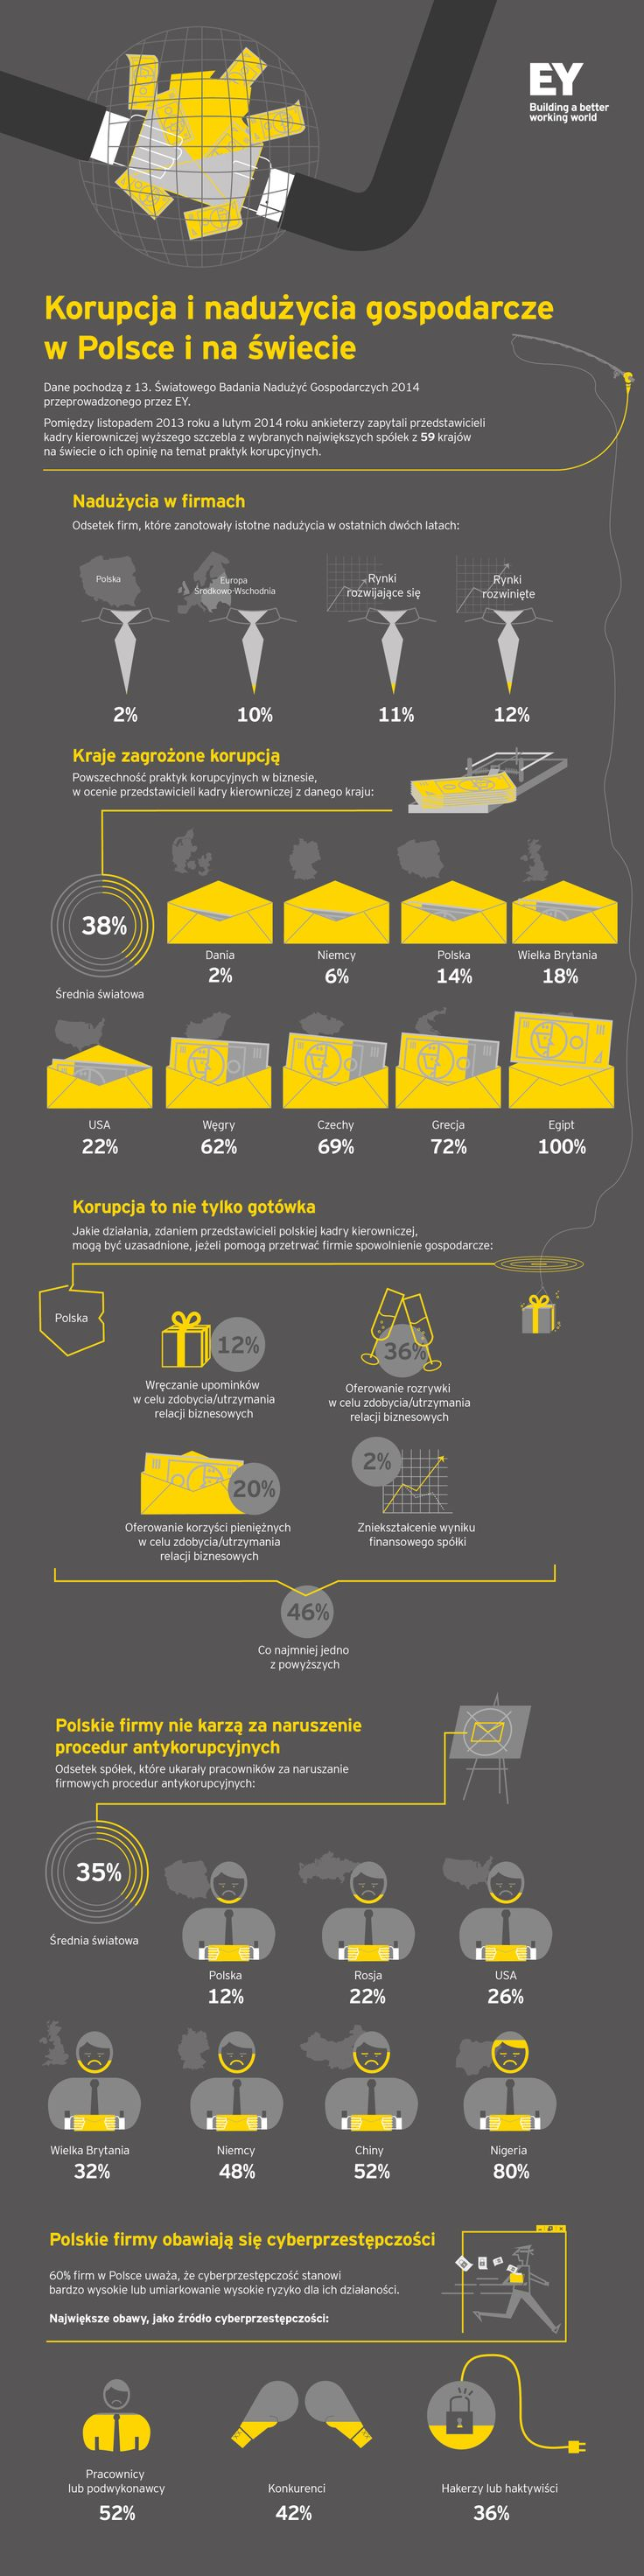 13. Światowe Badanie Nadużyć Gospodarczych 2014 - Raport EY